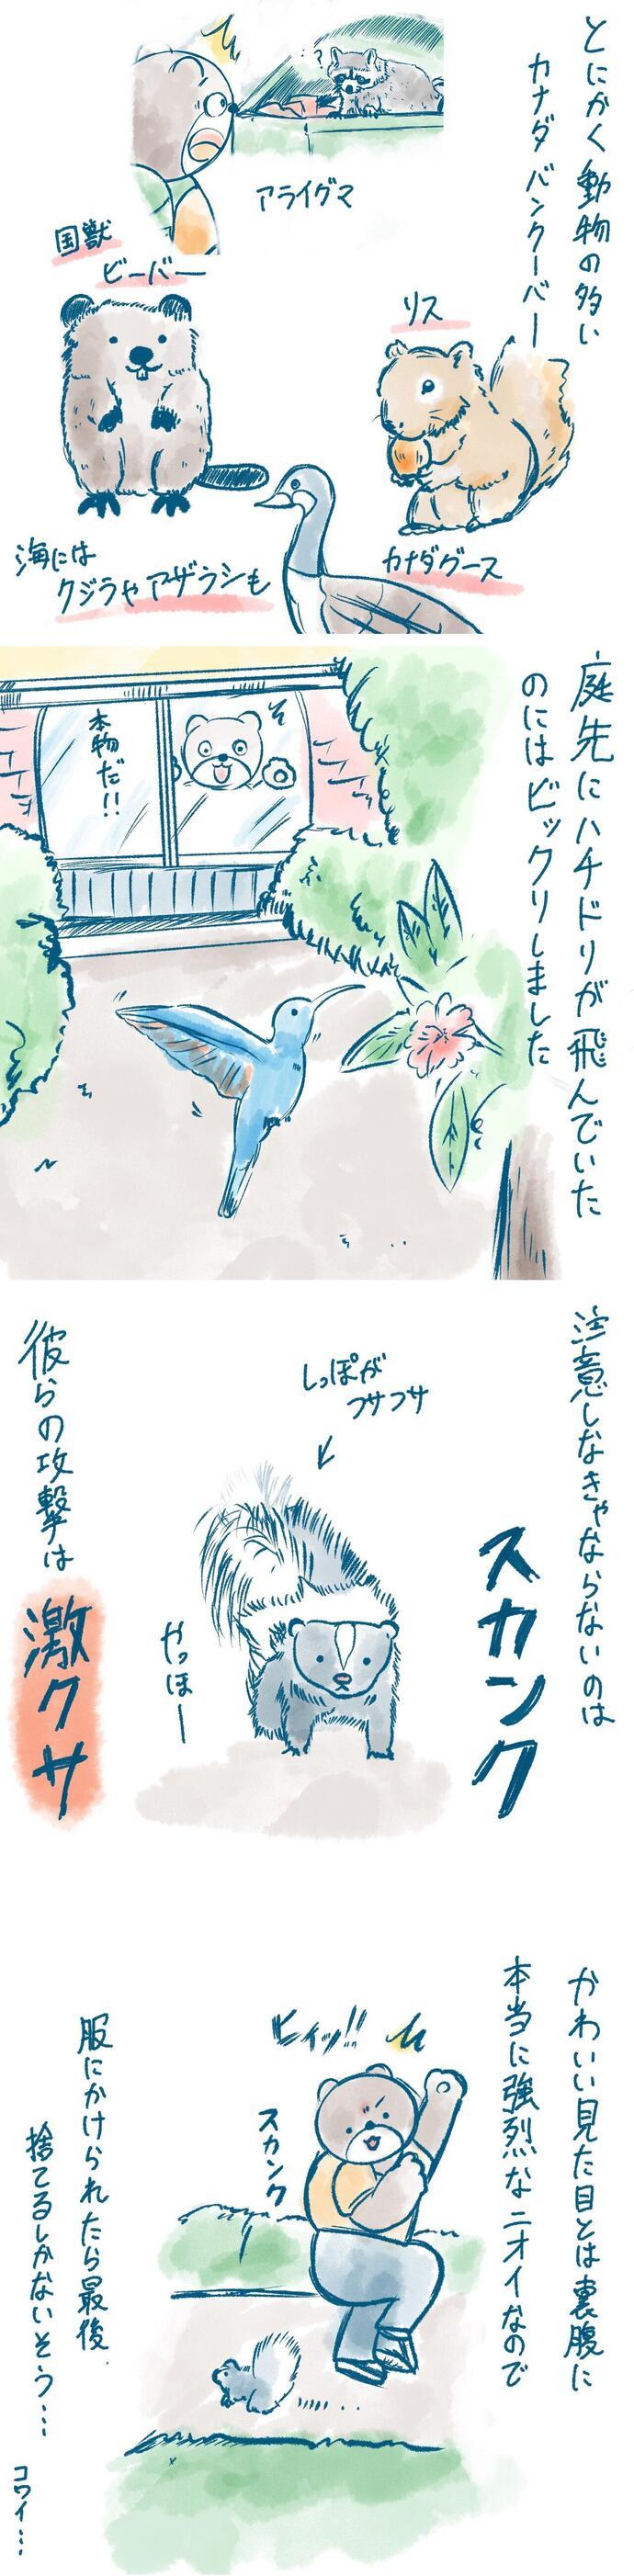 ryugakuma_08_1280.jpg